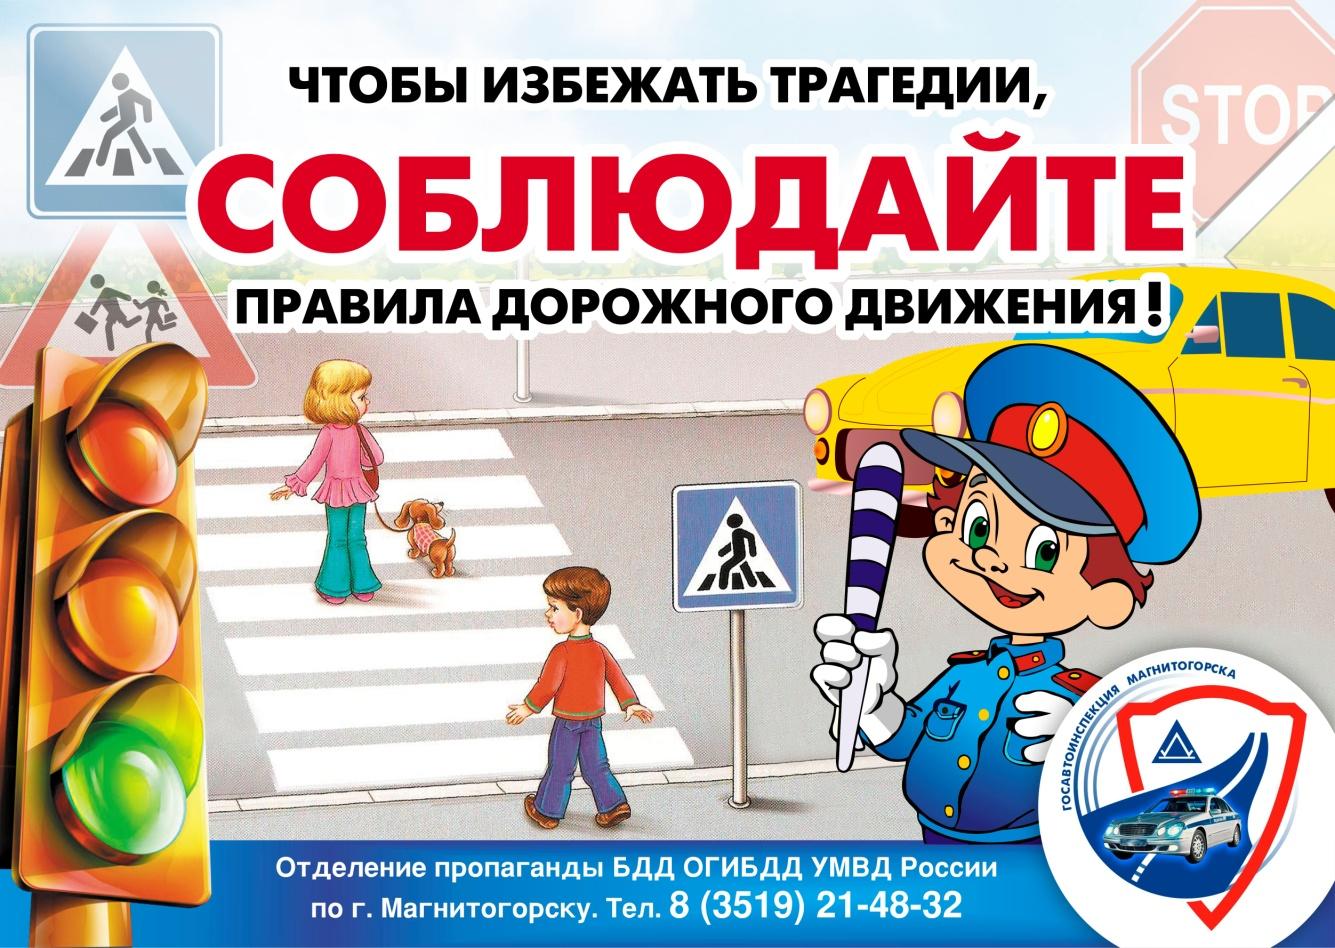 Картинки для плаката правила дорожного движения